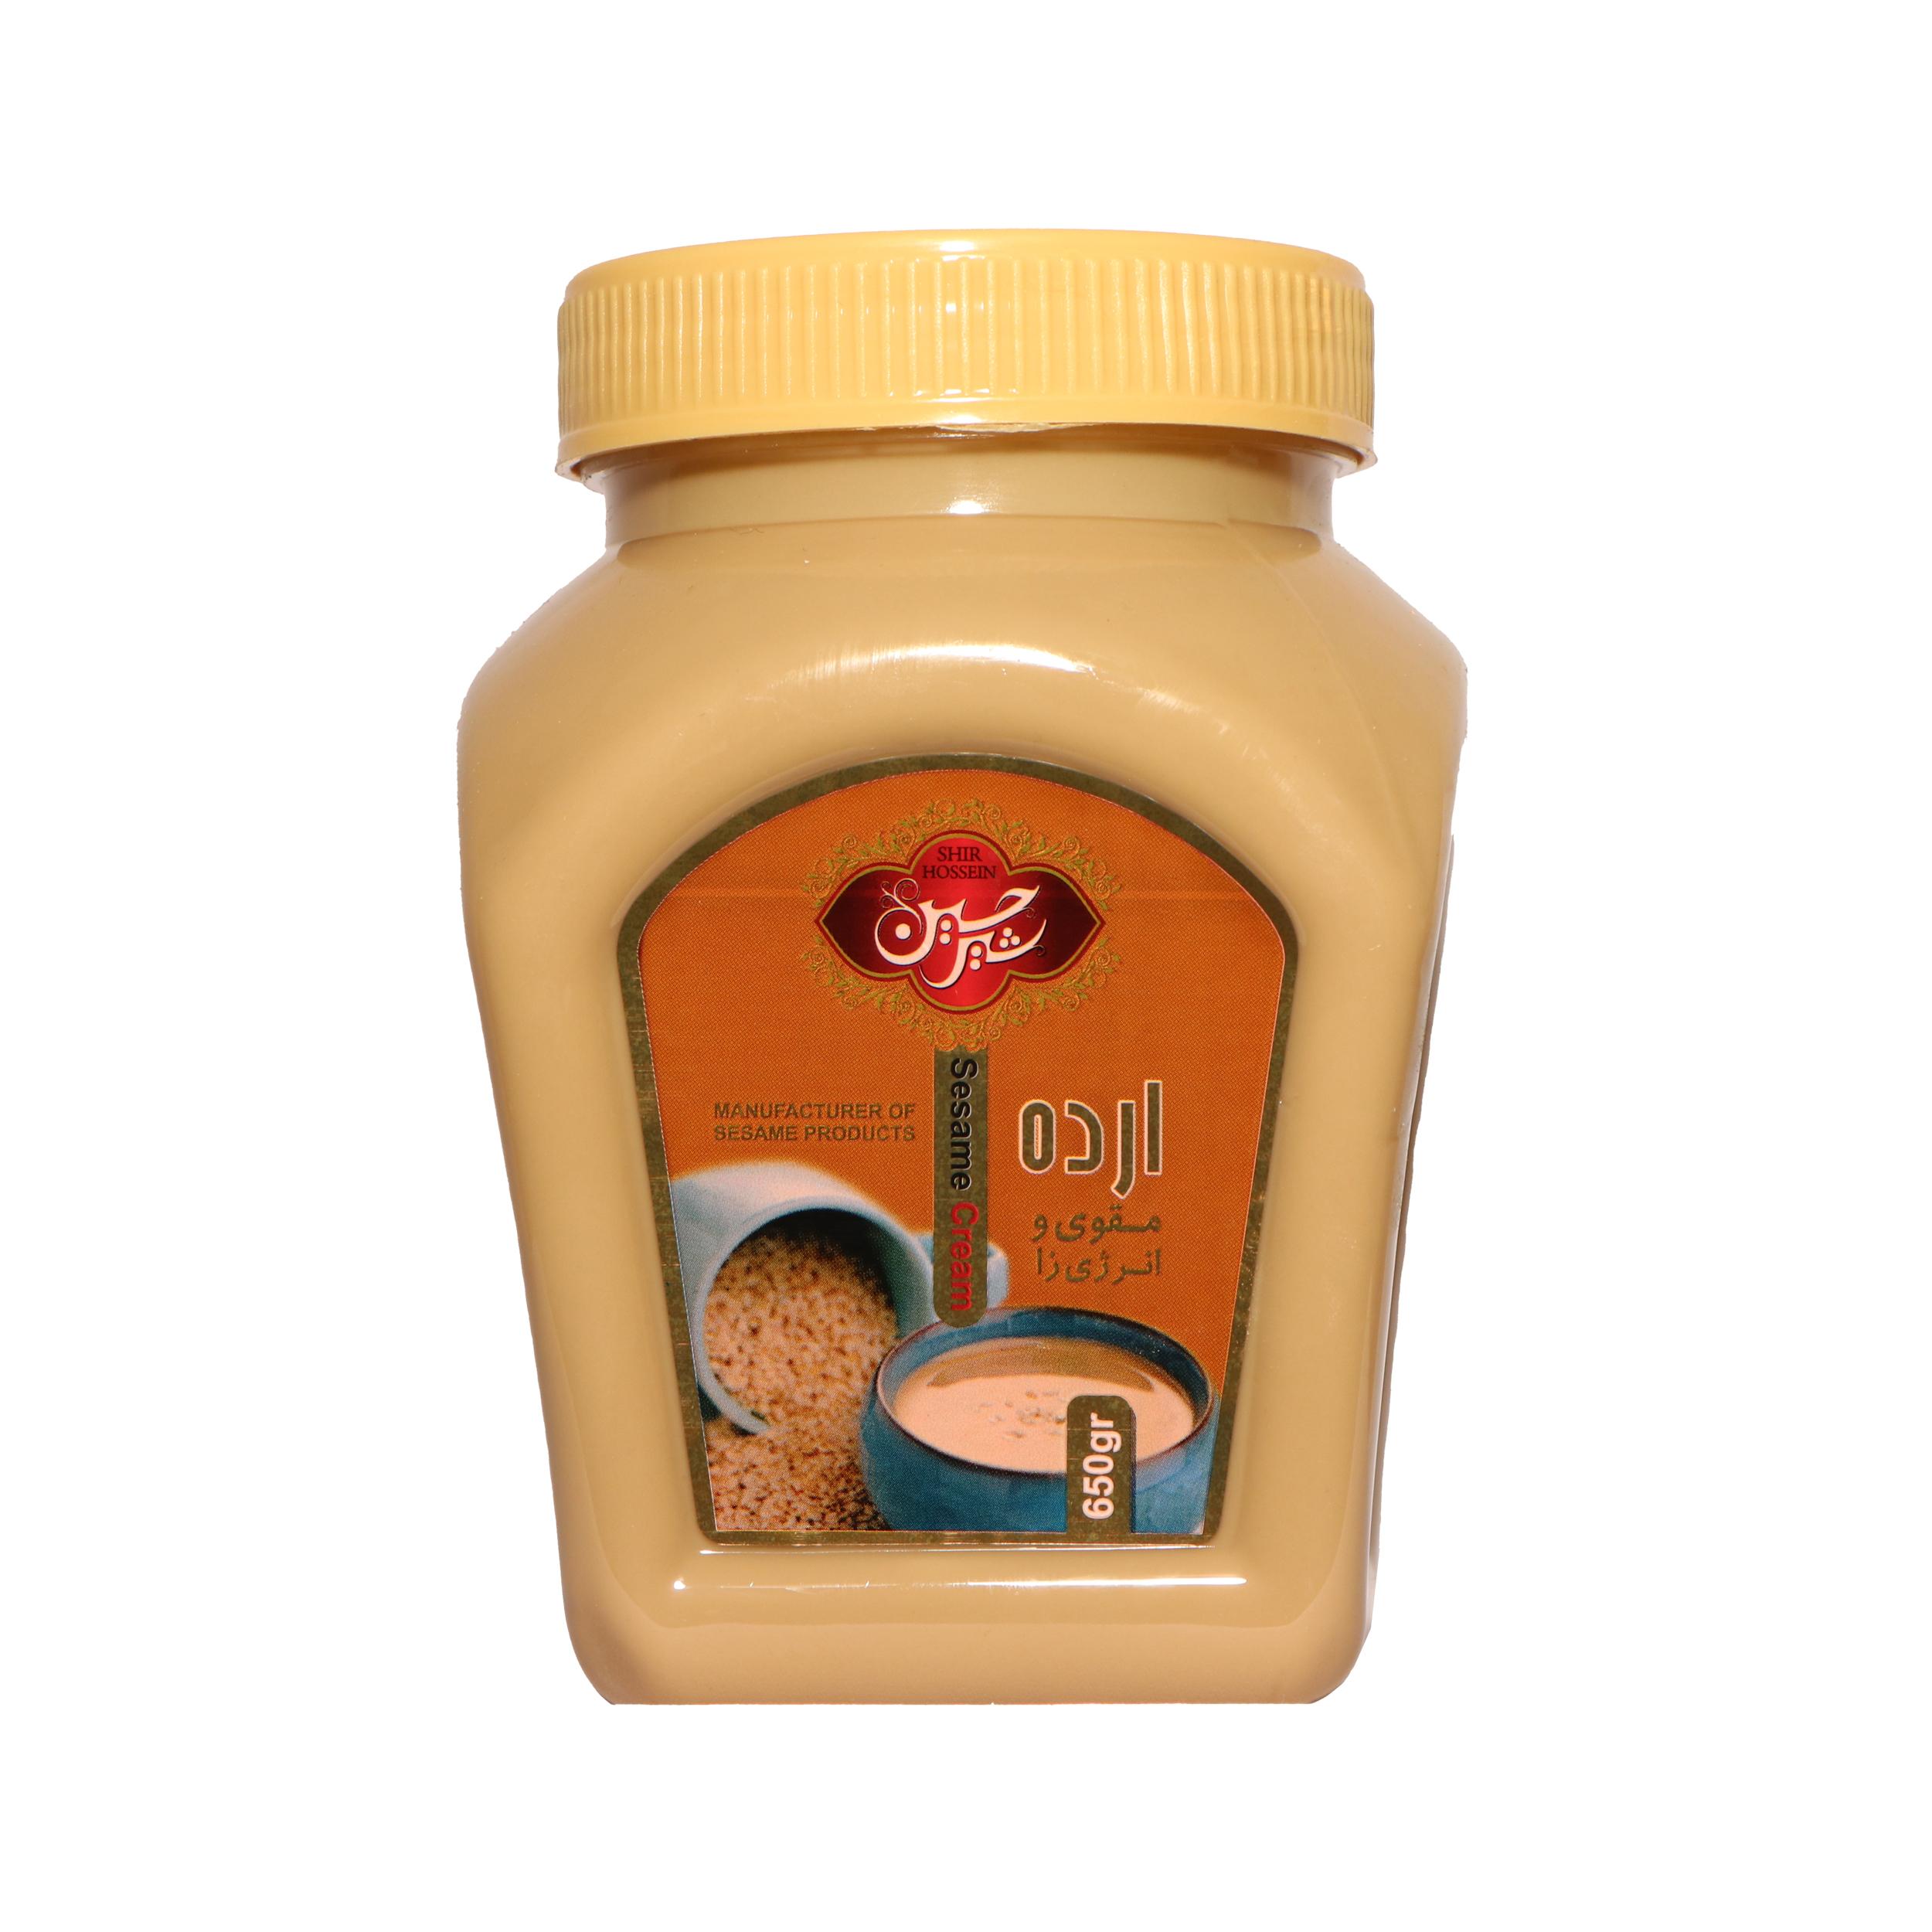 ارده شیر حسین - 700 گرم